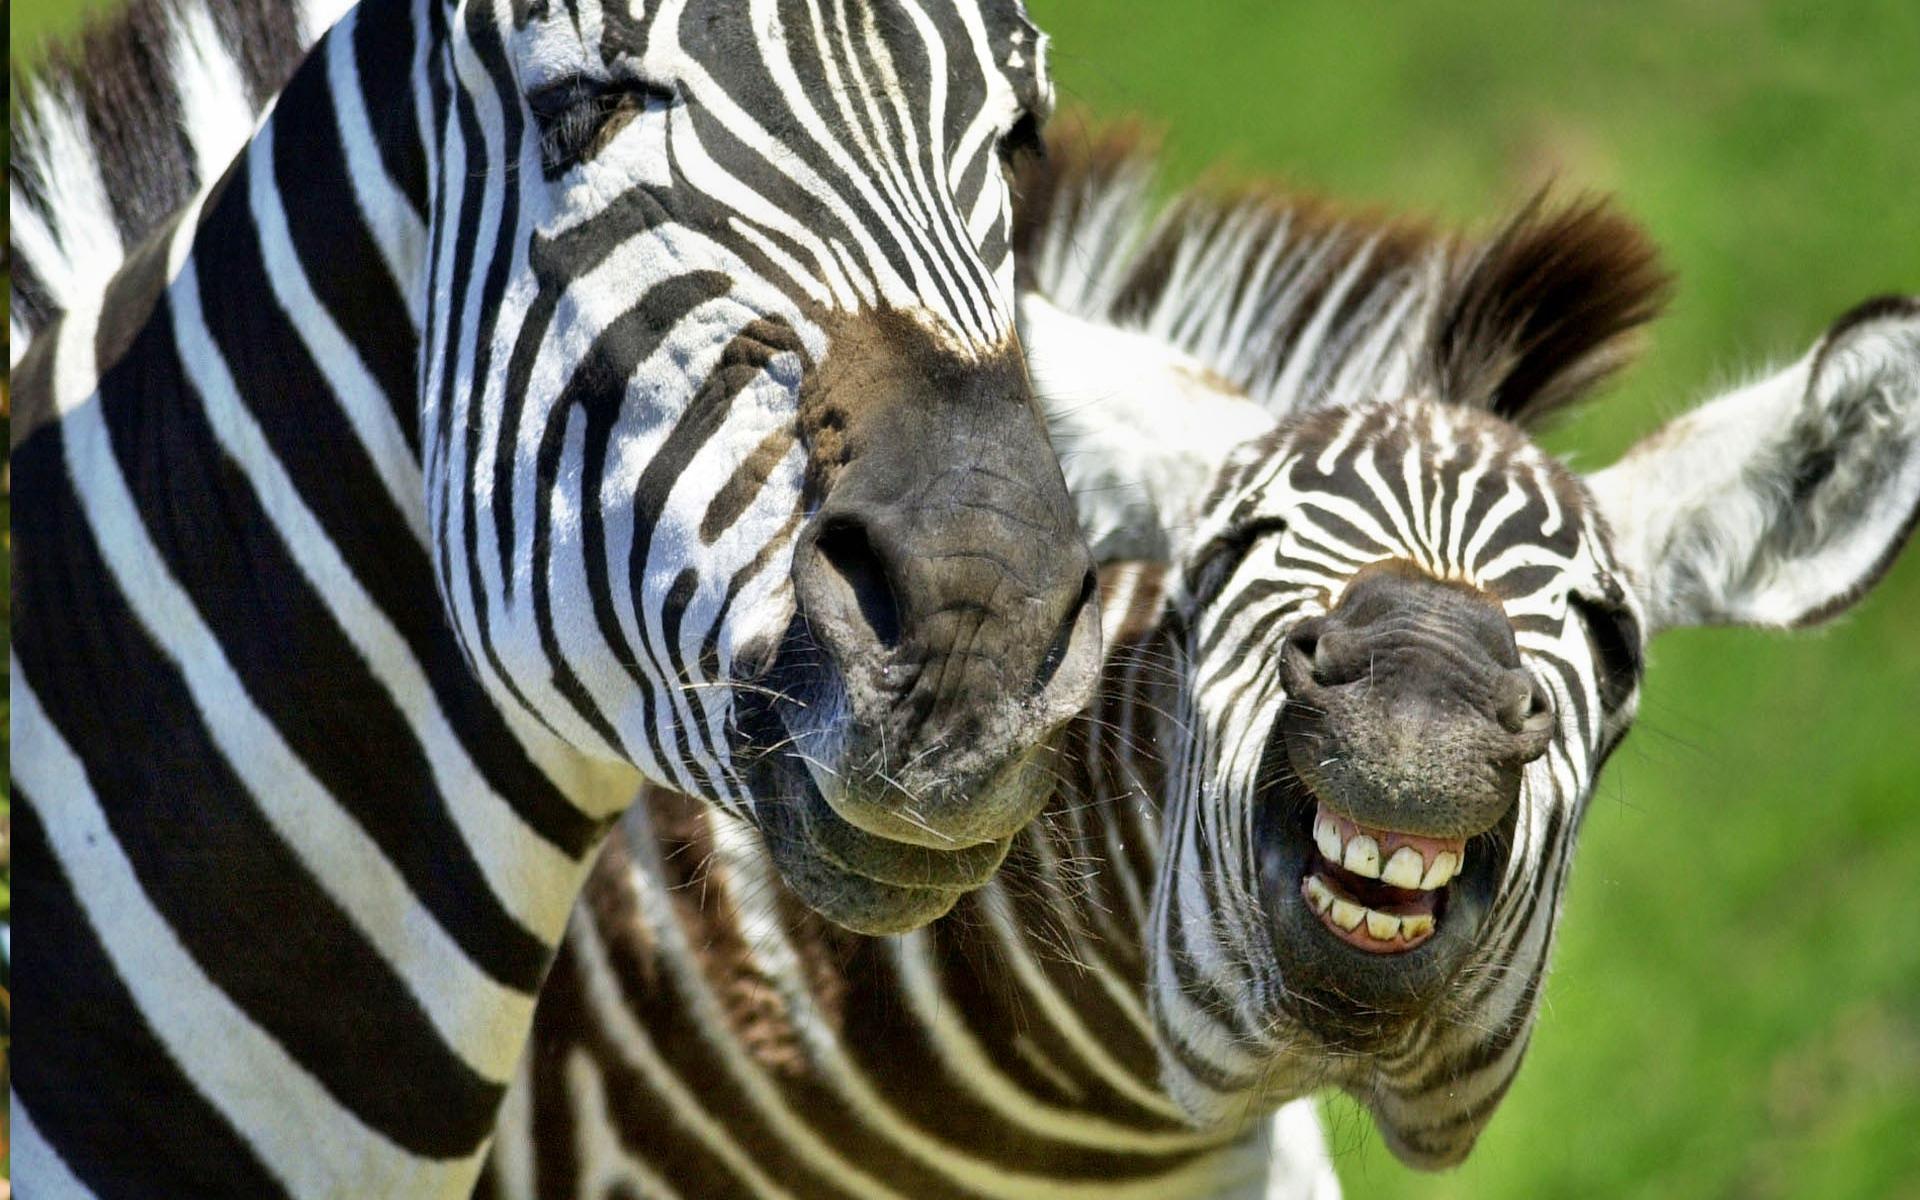 Fond d 39 cran 01 zebre en cours de vote 01 zebre for Fond d ecran zebre gratuit